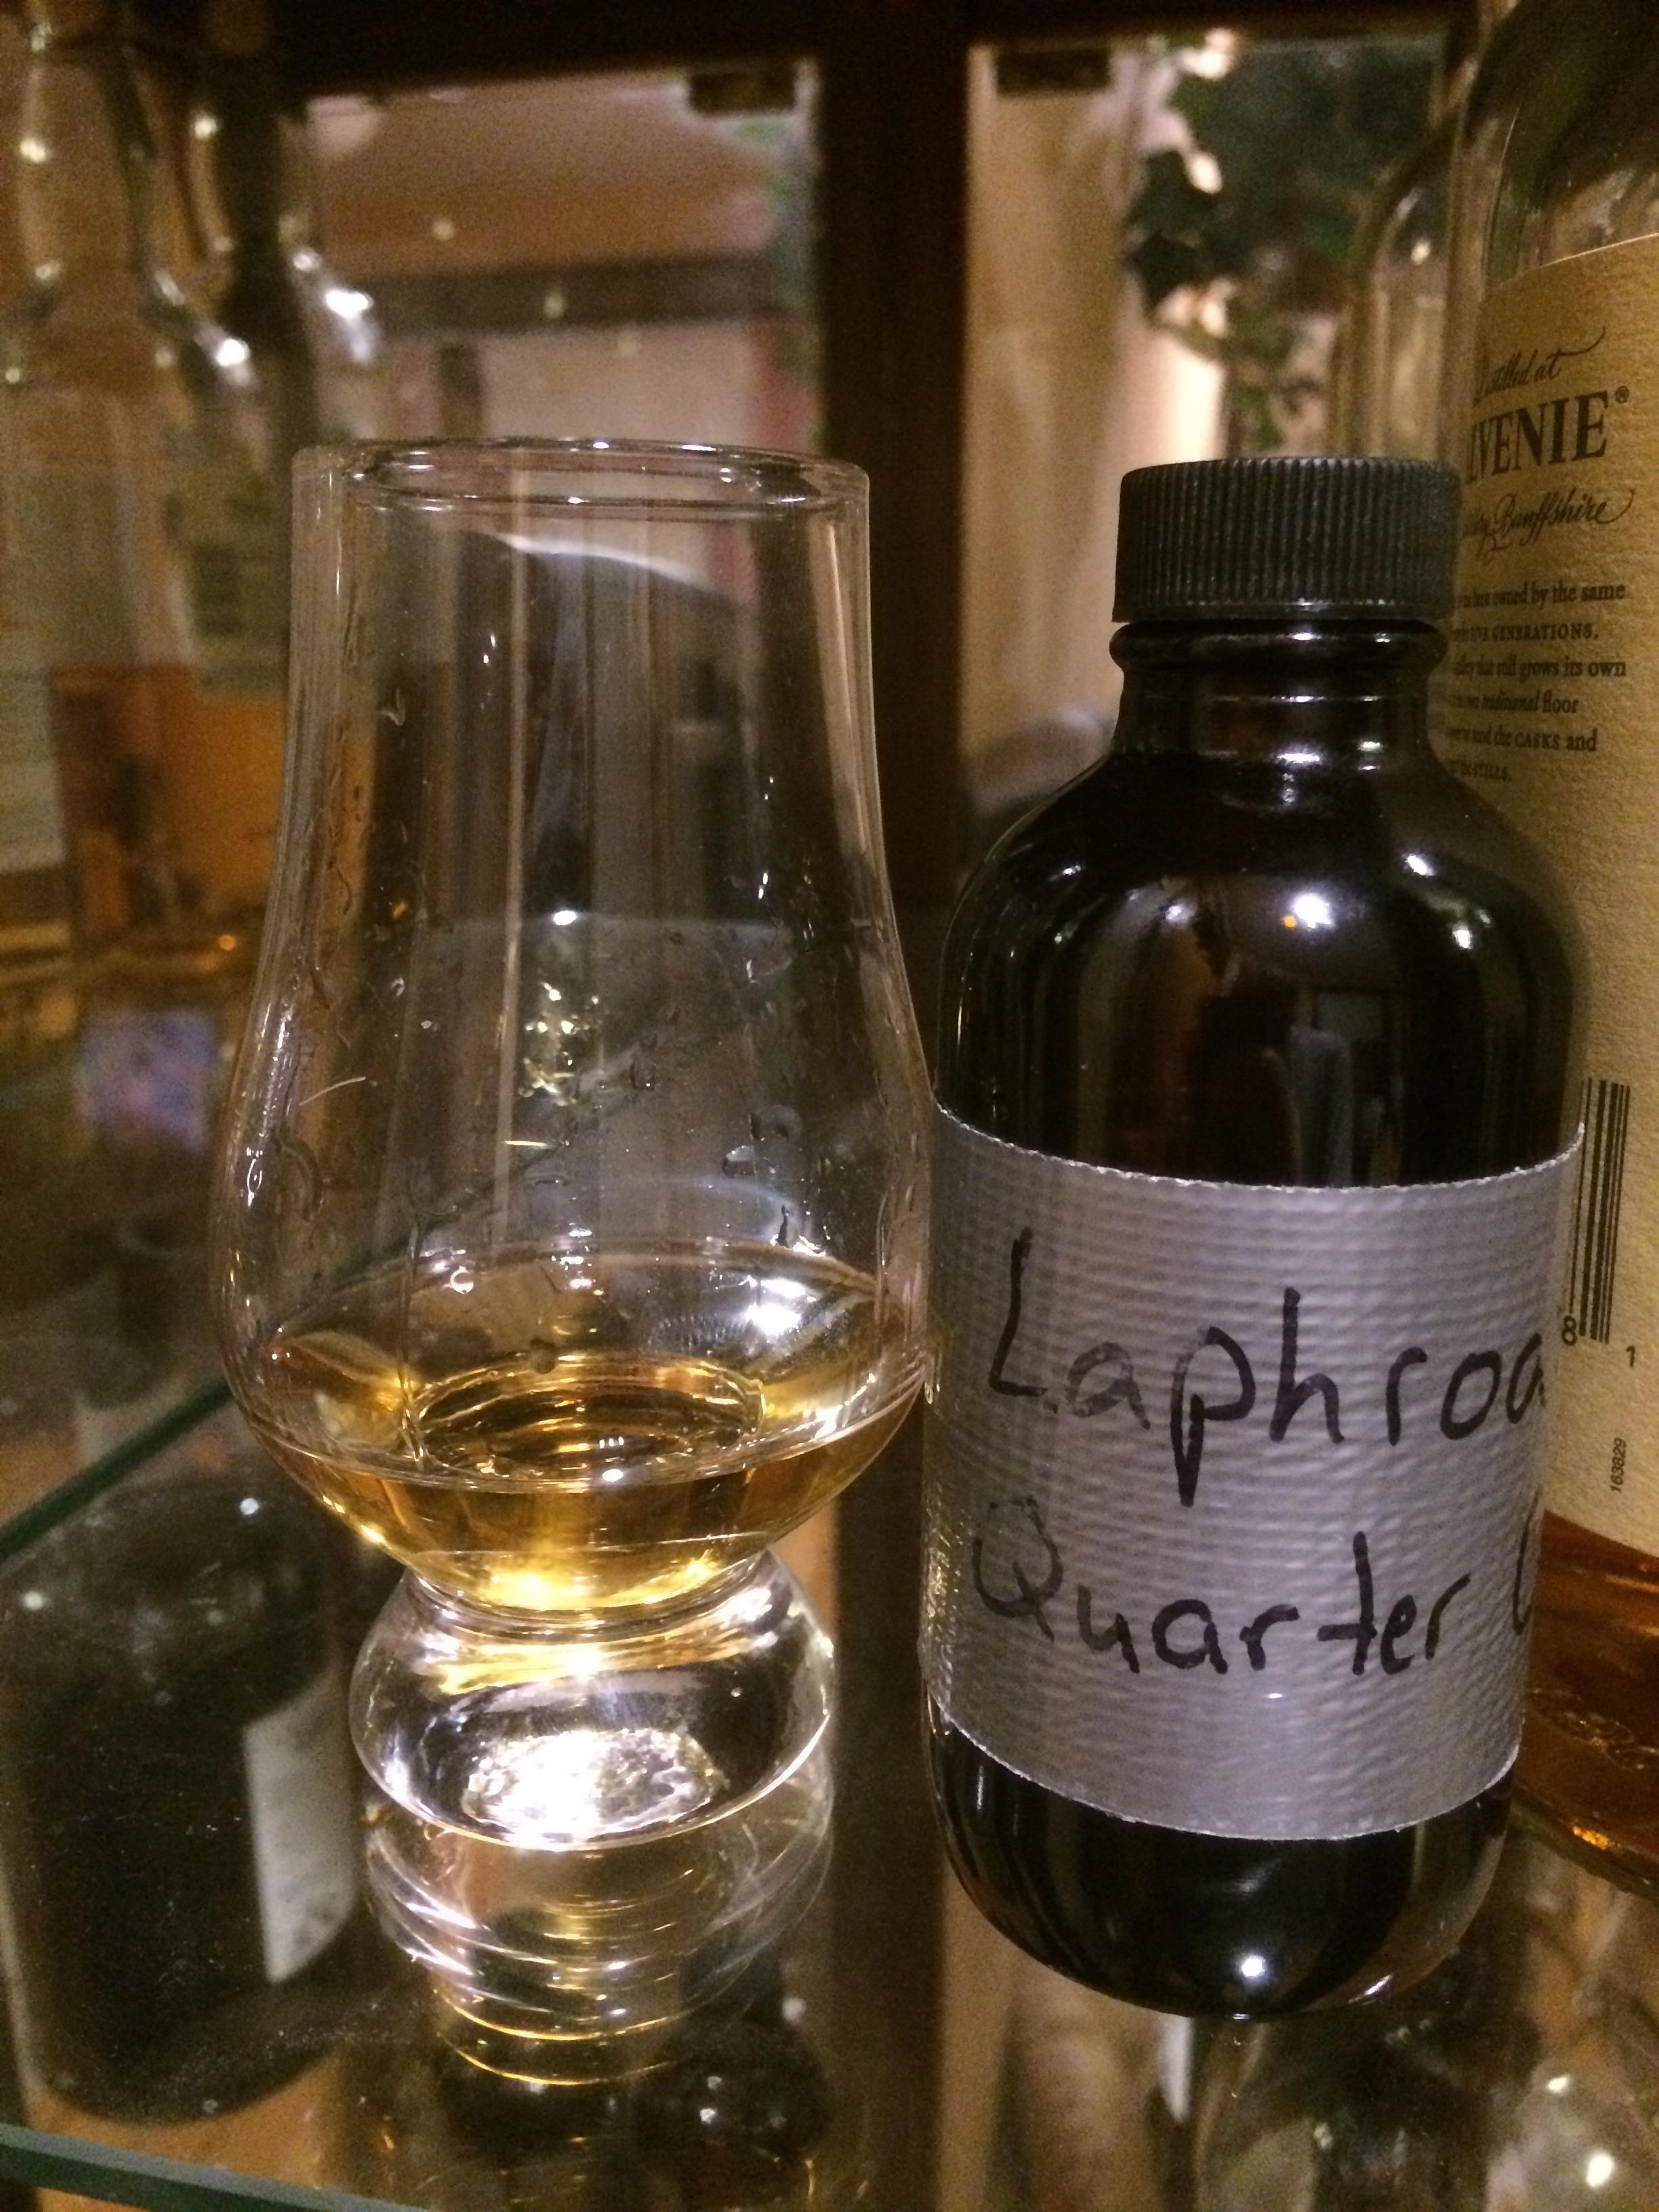 Laphroaig Quarter Cask (Review 28) #scotch #whisky #whiskey #malt #singlemalt #Scotland #cigars